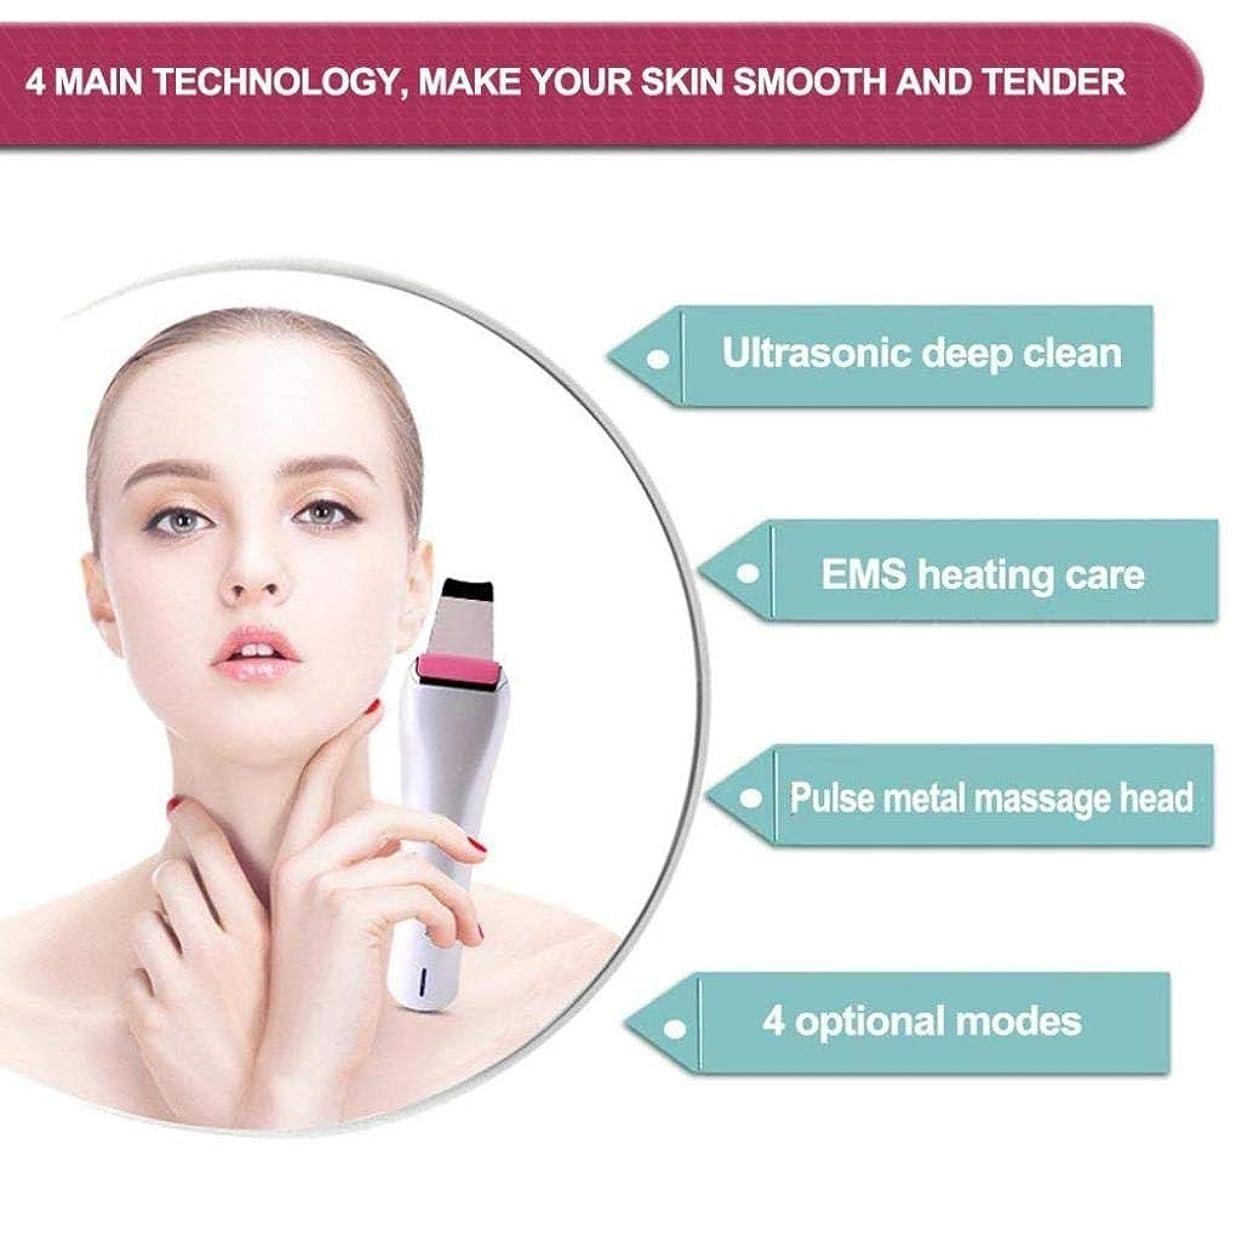 重要な役割を果たす、中心的な手段となる三角スクラブ顔のスキンケア顔の振動マッサージャーのクリーニング機械シャベルの皮機械アクネの皮のスクラバー